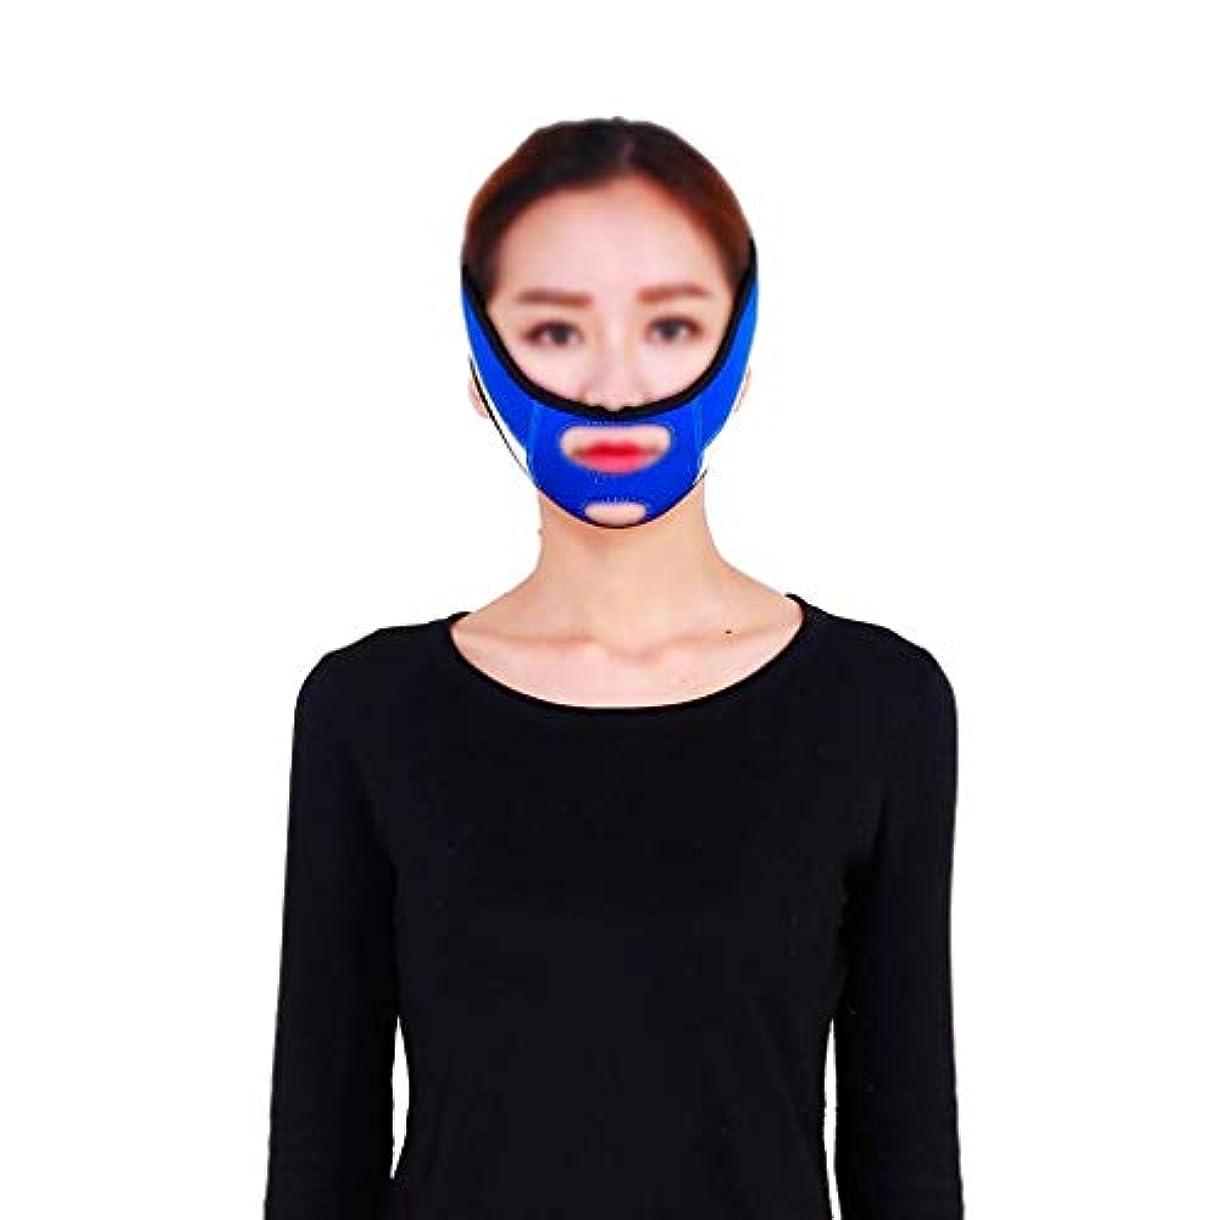 抑止する秘書臭いファーミングフェイスマスク、スモールVフェイスアーティファクトリフティングマスク、口を調整して垂れ下がった肌を縮小滑り止め弾性ストレッチ包帯